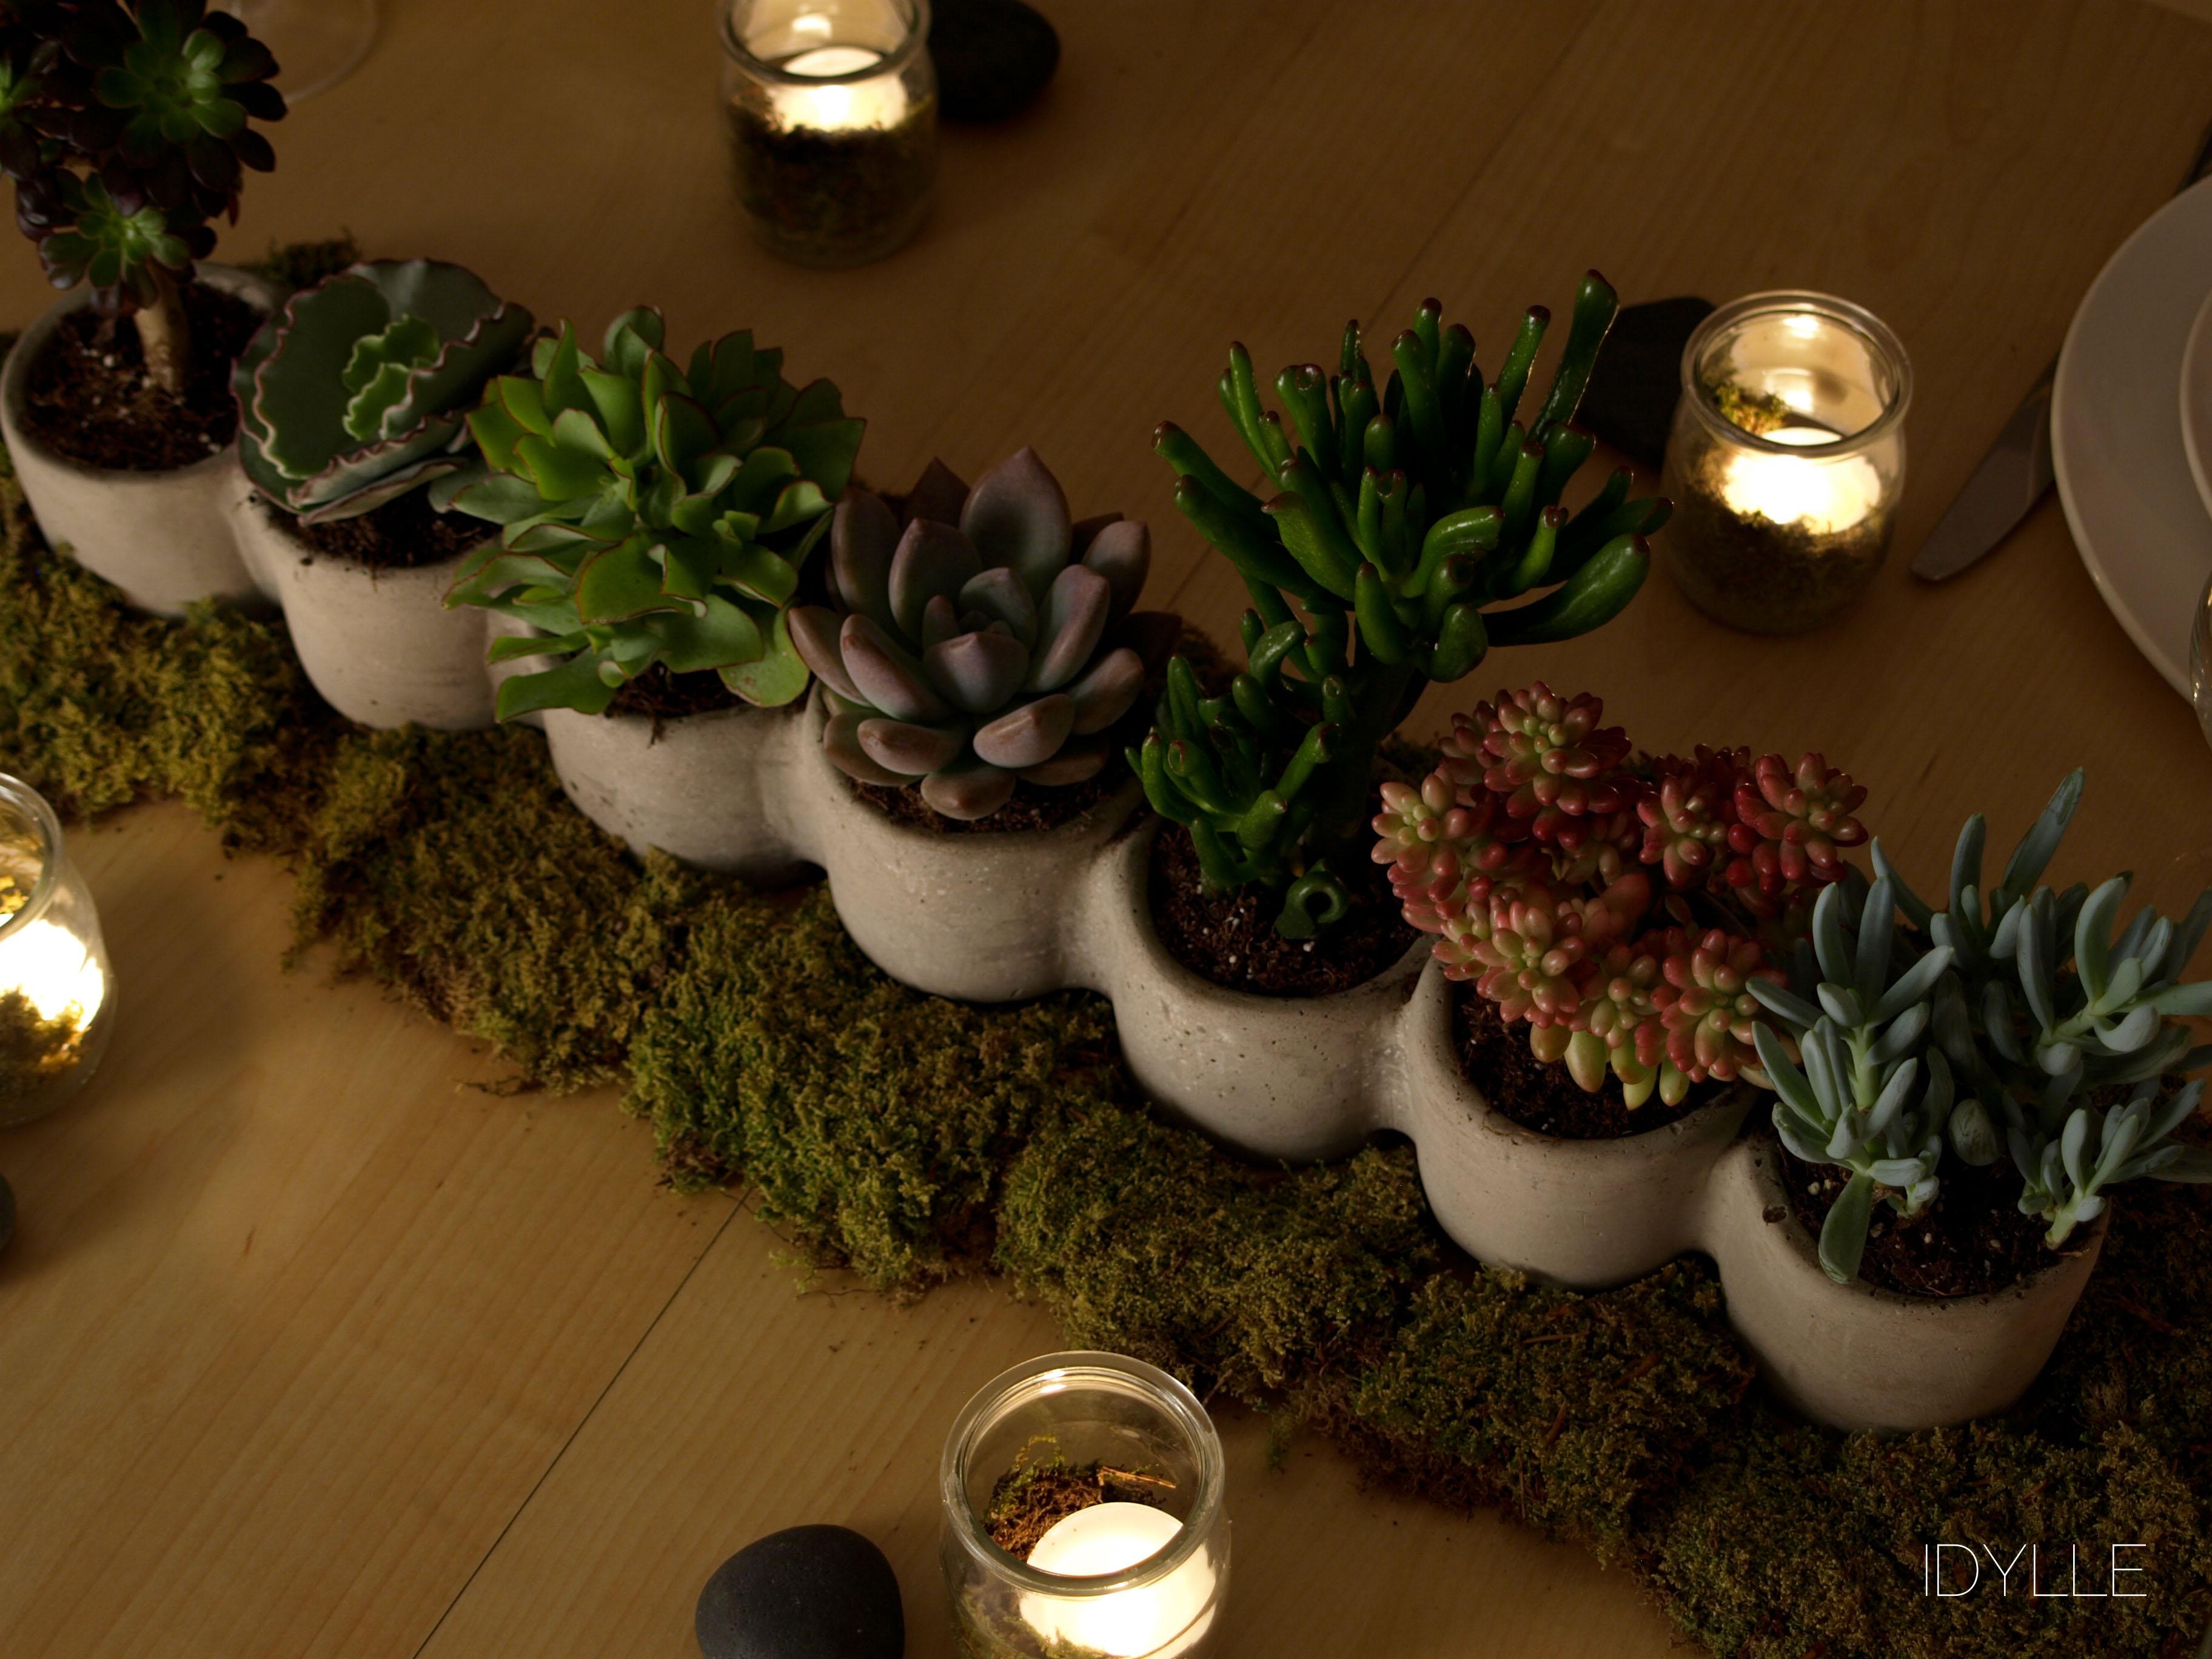 Plante grasse idylle fleuriste for Accessoire plante interieur